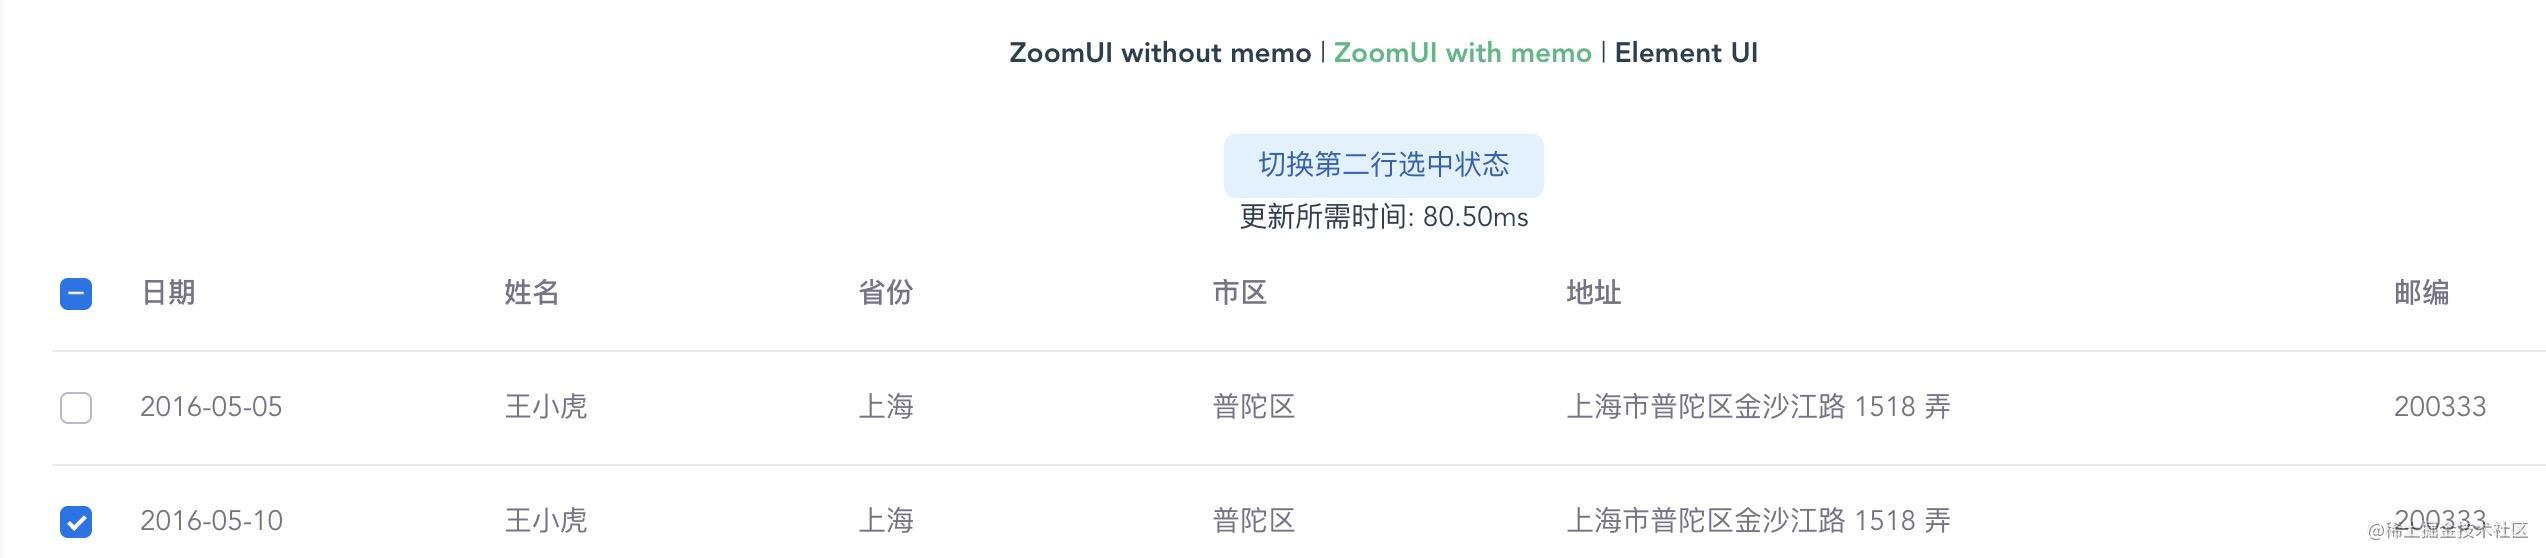 zoom-ui5.png